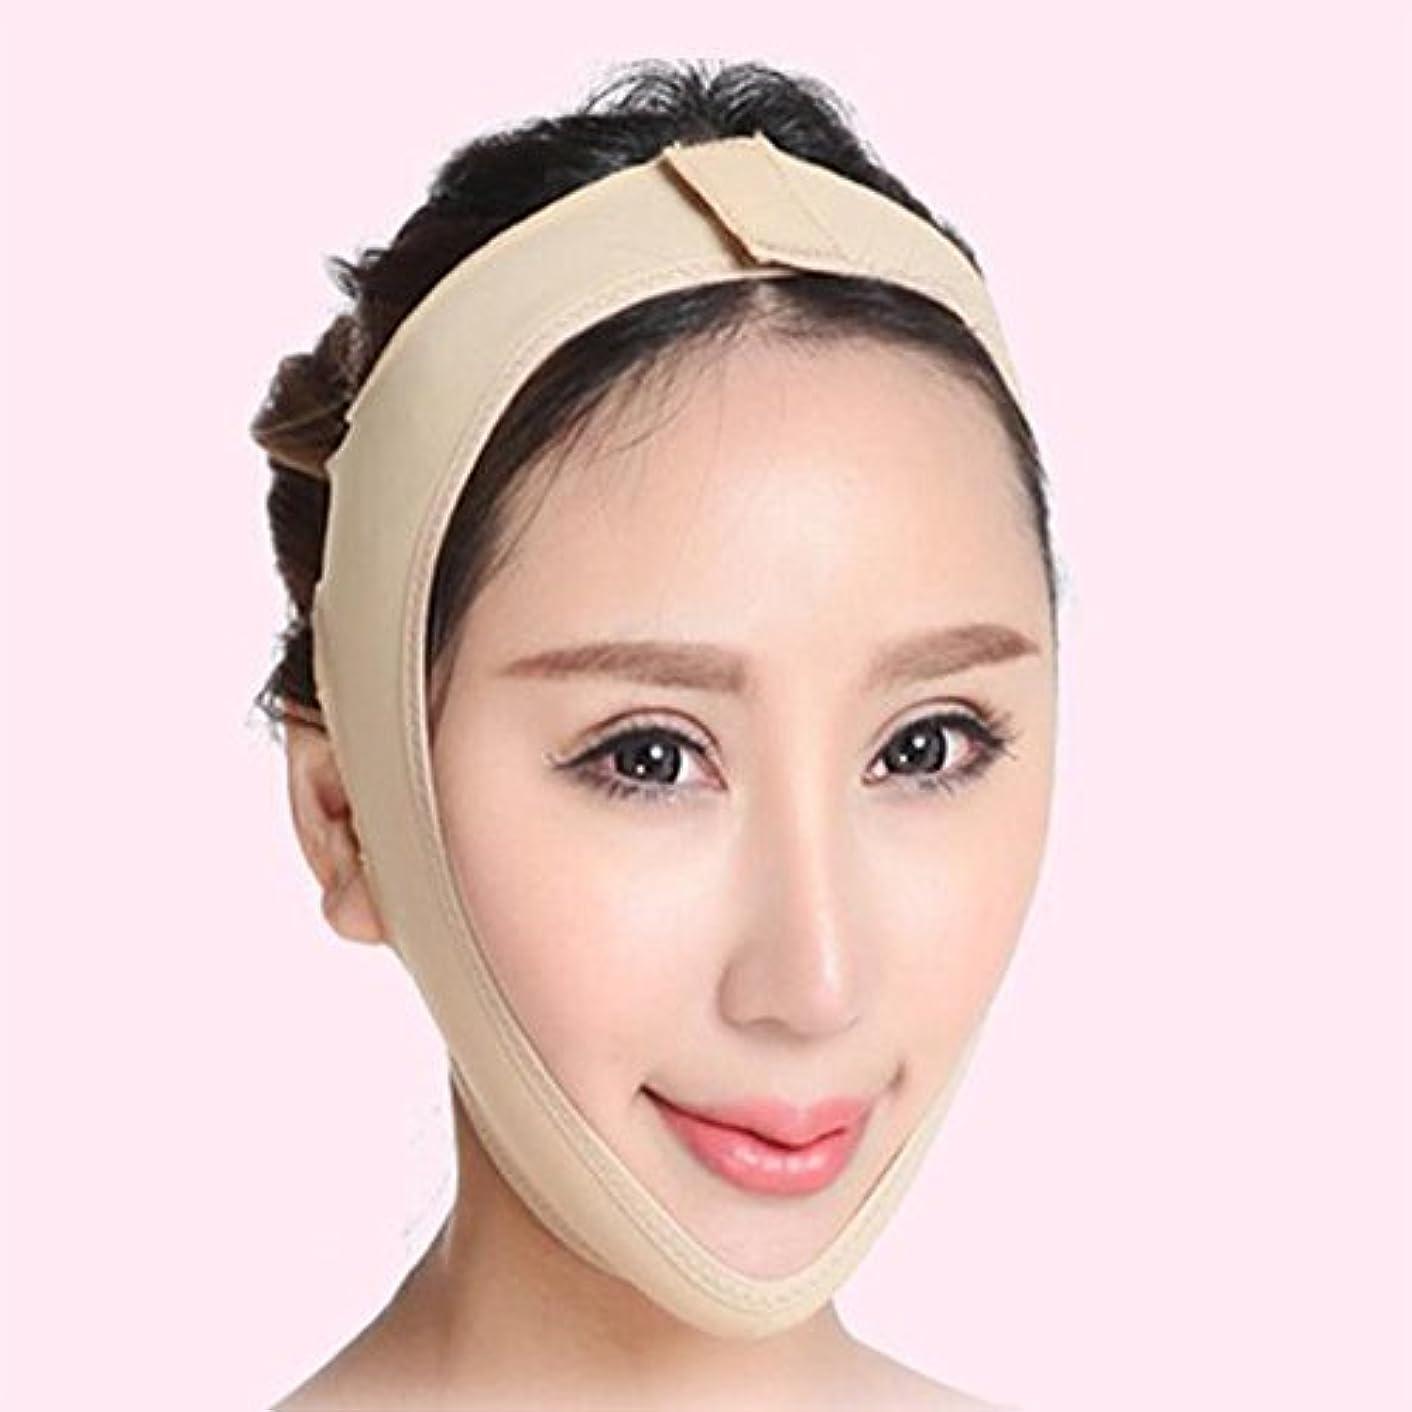 マイク撃退するに関してSD 小顔 小顔マスク リフトアップ マスク フェイスライン 矯正 あご シャープ メンズ レディース Mサイズ AZD15003-M